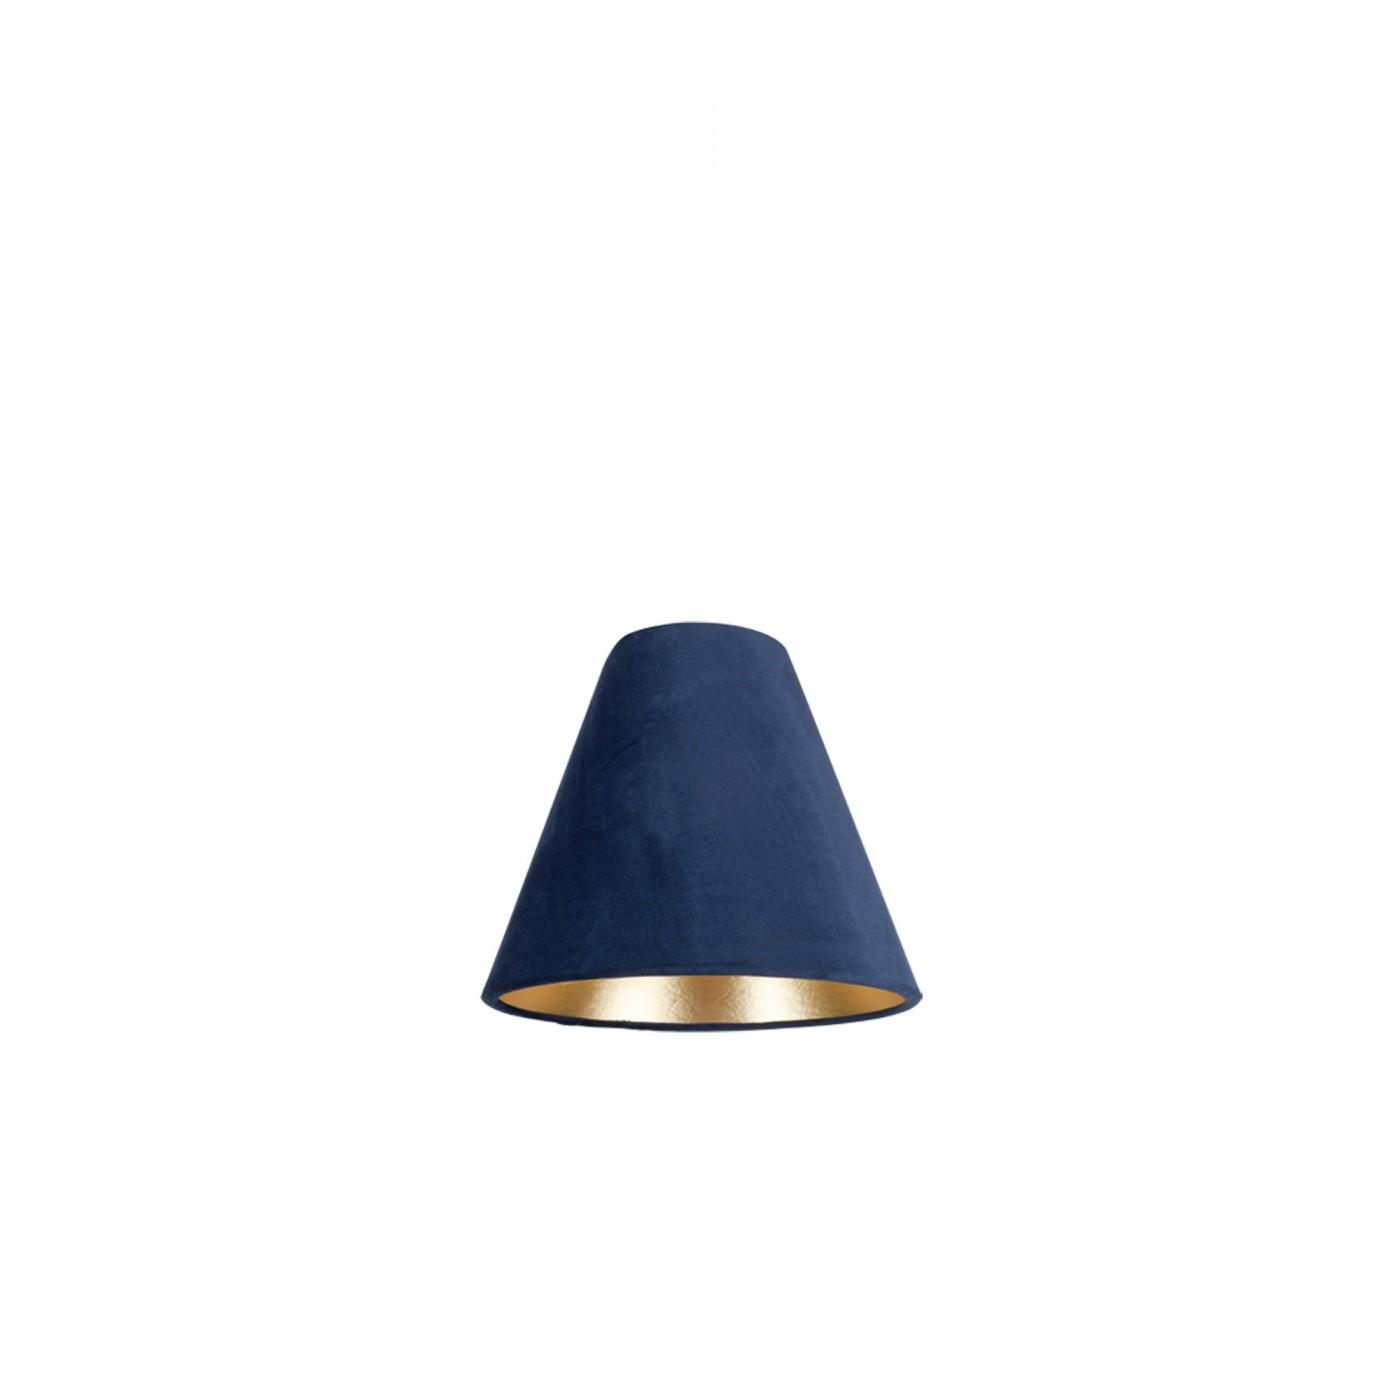 CAMELEON CONE S V NB/G 8501 Nowodvorski Lighting